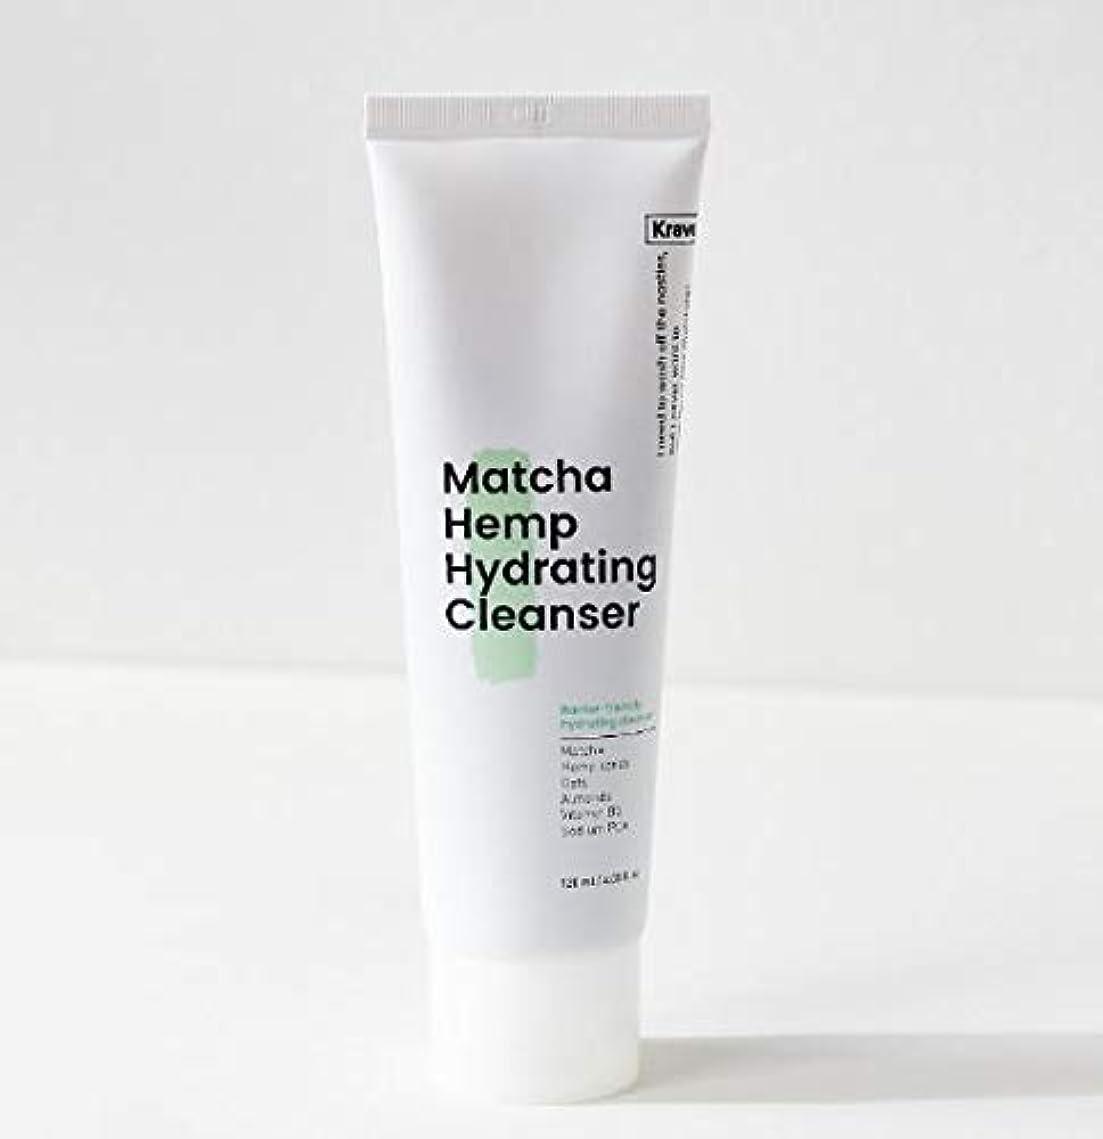 耳数値ワンダー[Krave] Matcha Hemp Hydrating Cleanser 120ml / 抹茶ハイドレイティングクレンザー120ml [並行輸入品]